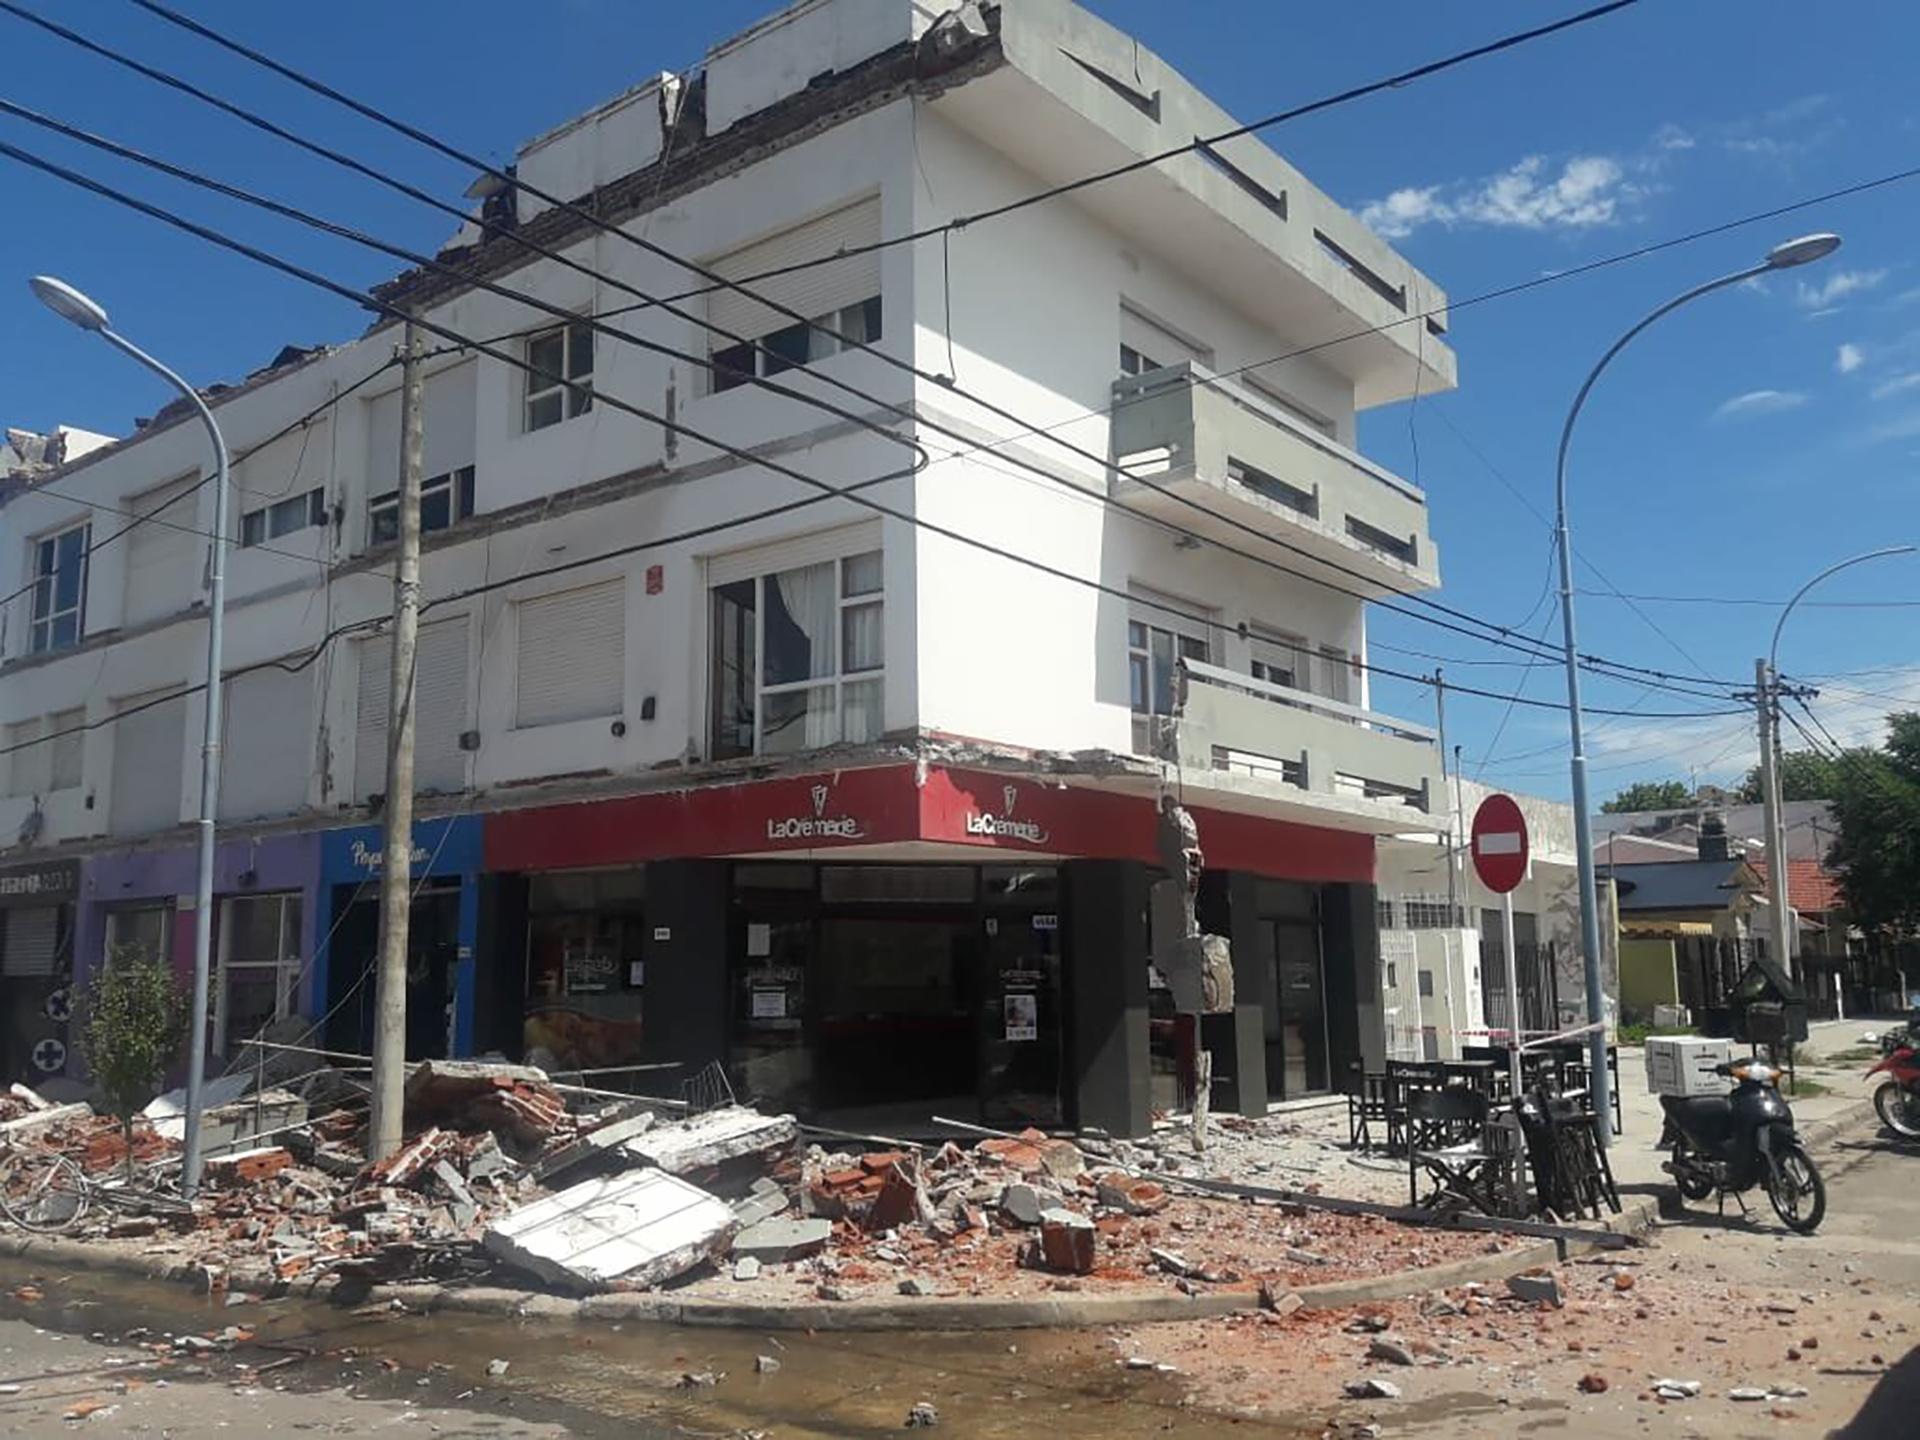 """Las pericias hablan de """"Irregularidad estructural"""" en la construcción del edificio"""